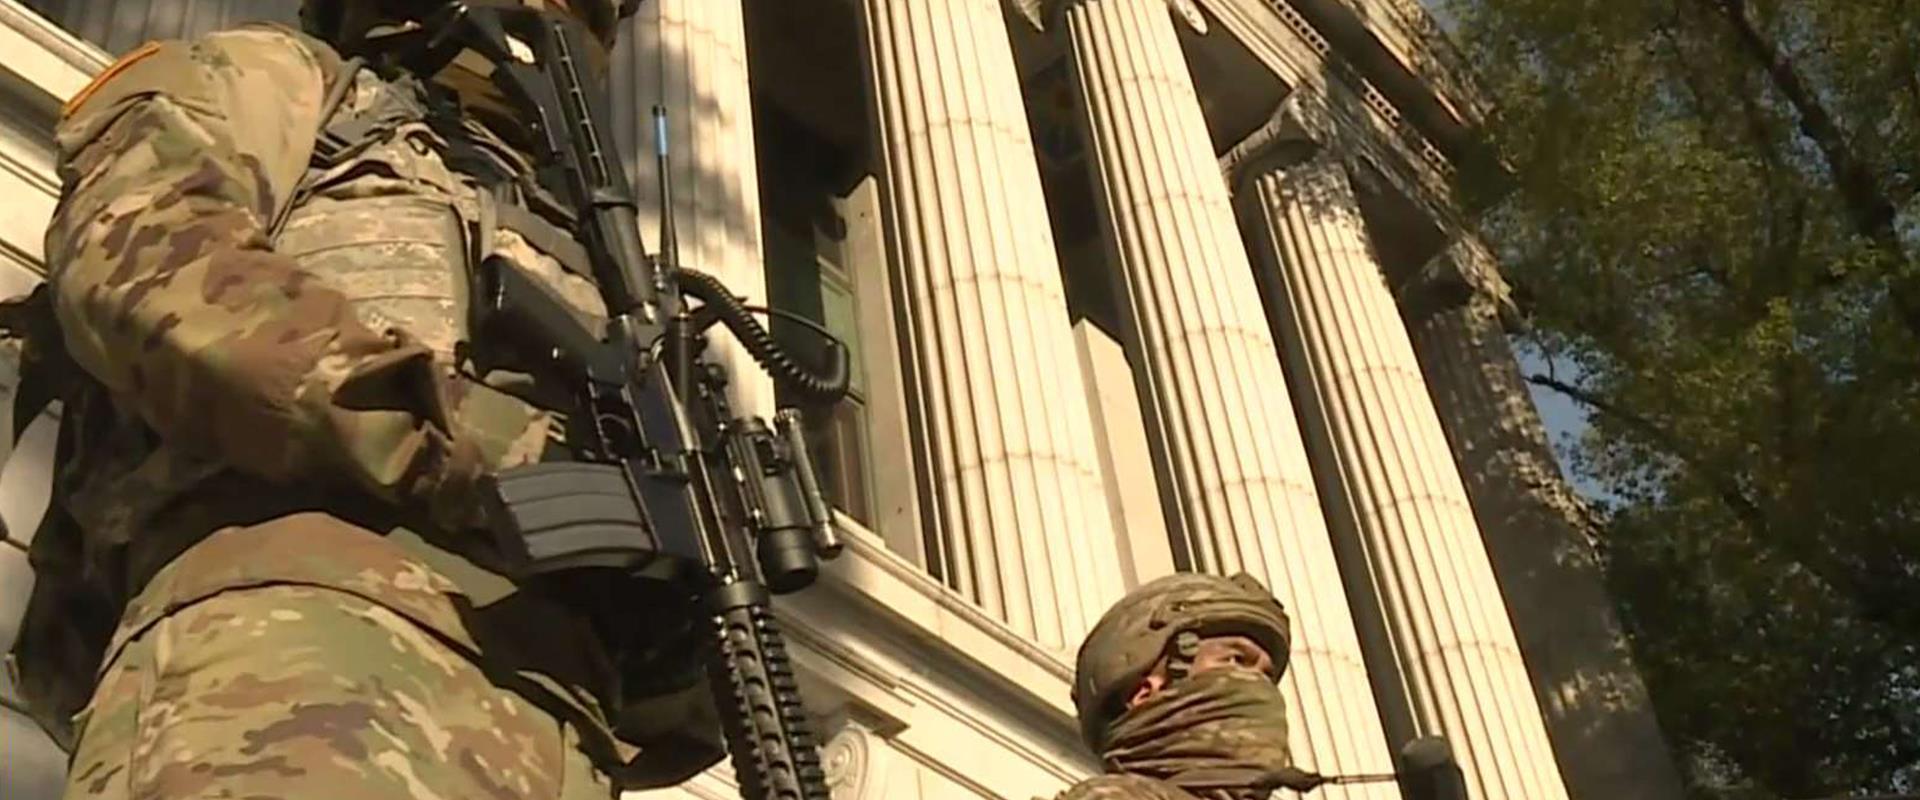 חיילים חמושים בוושינגטון